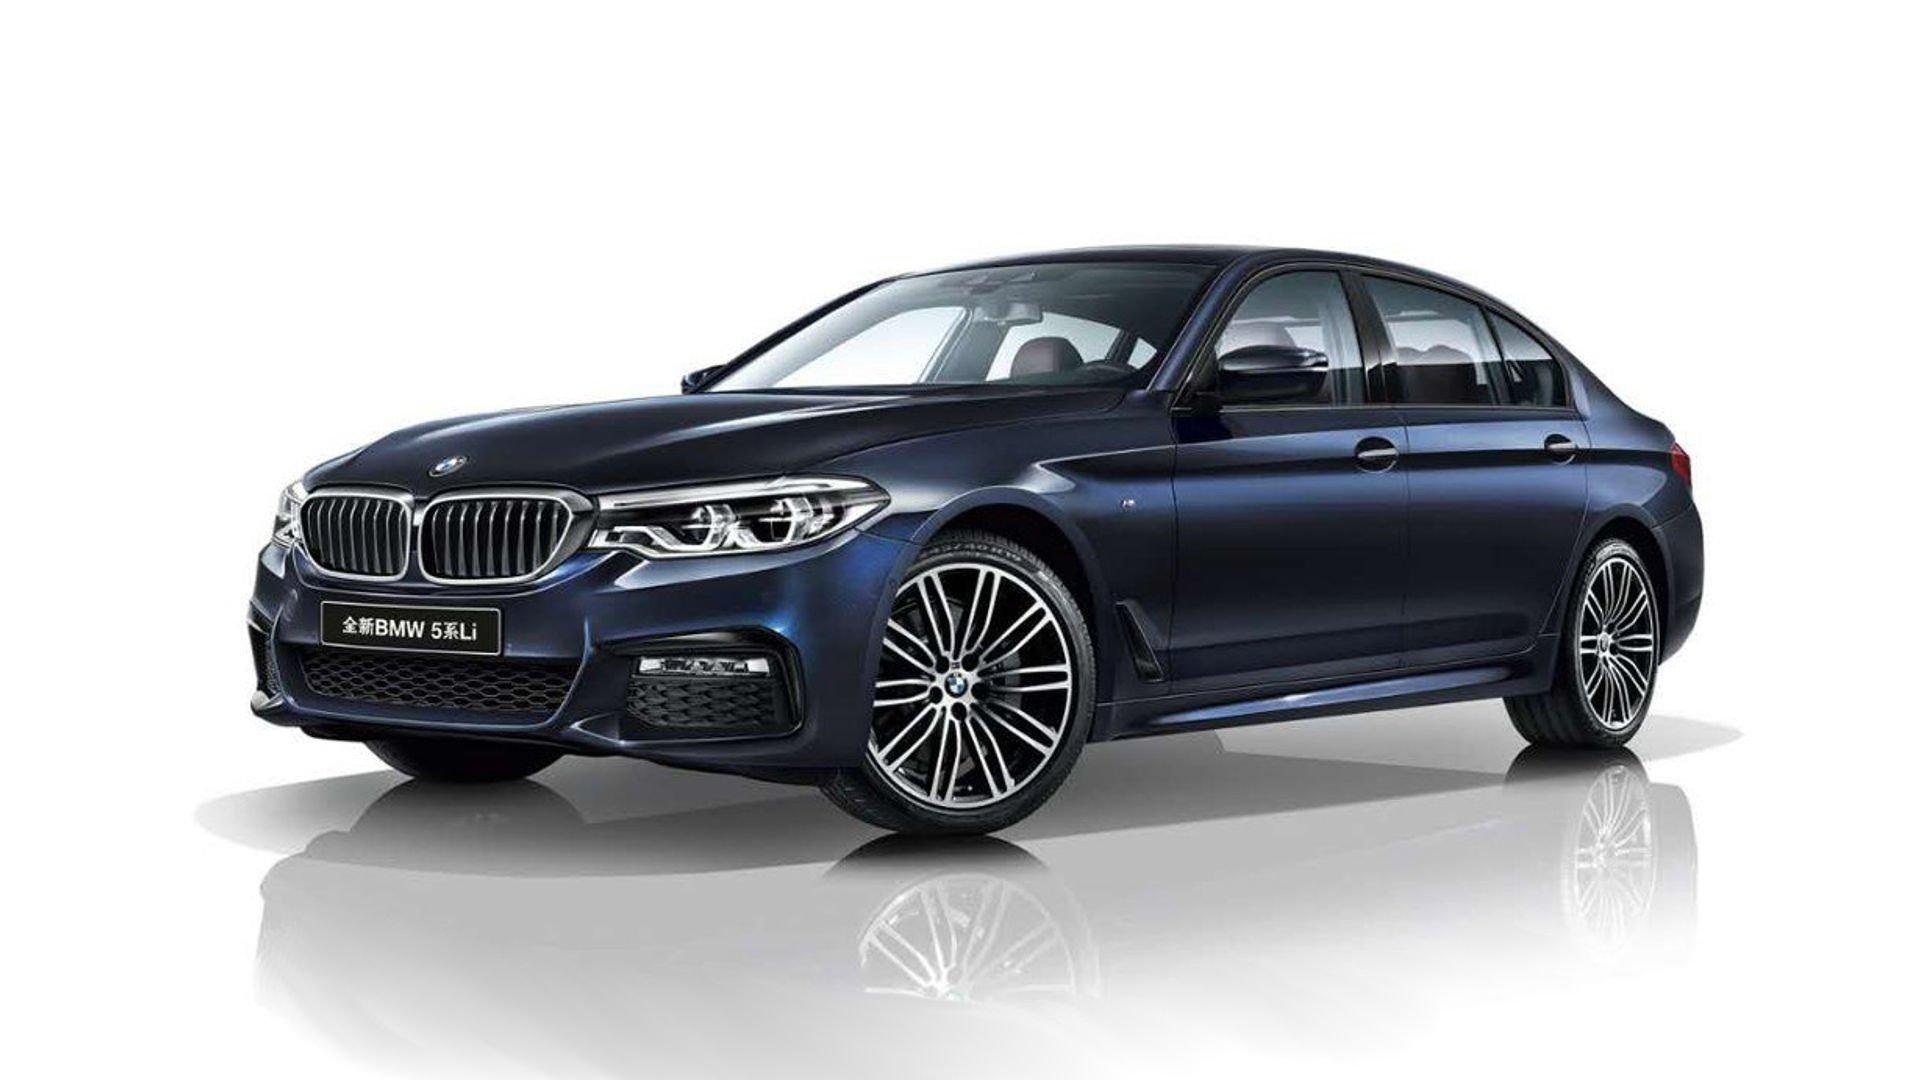 2018 BMW Serii 5 Li